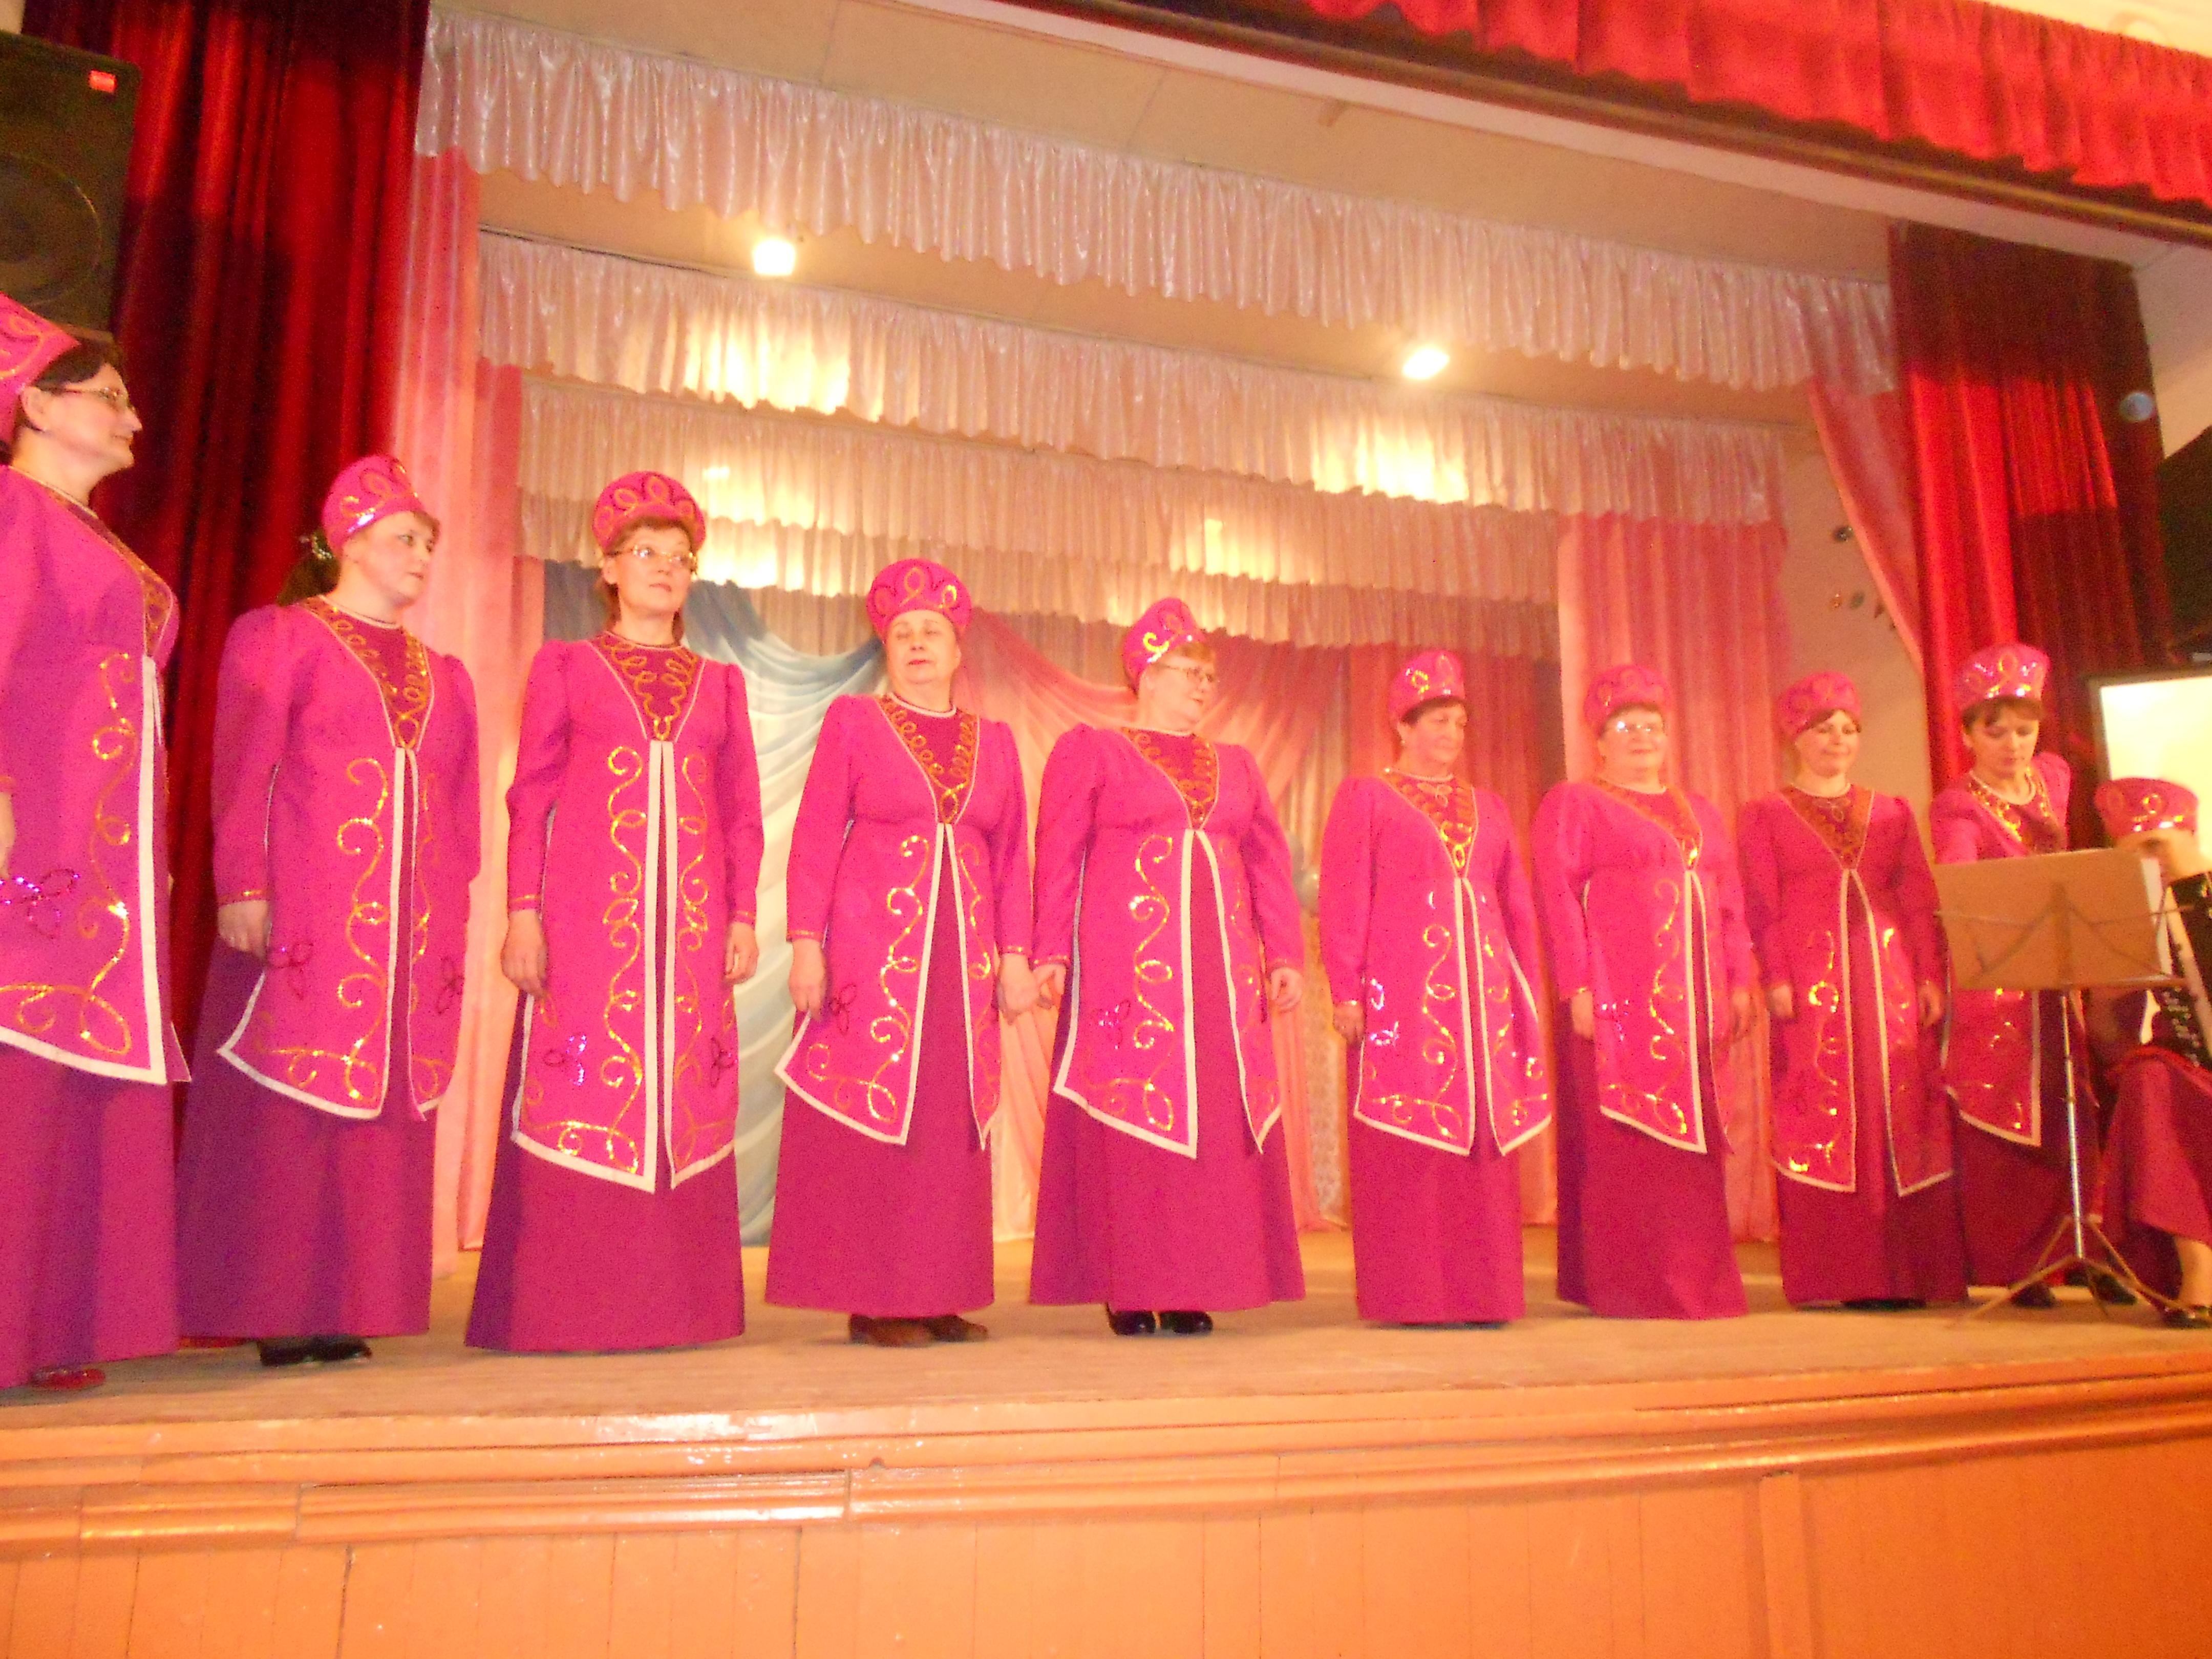 Открыл концерт хор уч-ся младших классов под руководством кургановой ле- заслуженного деятеля вмо; хормейстер